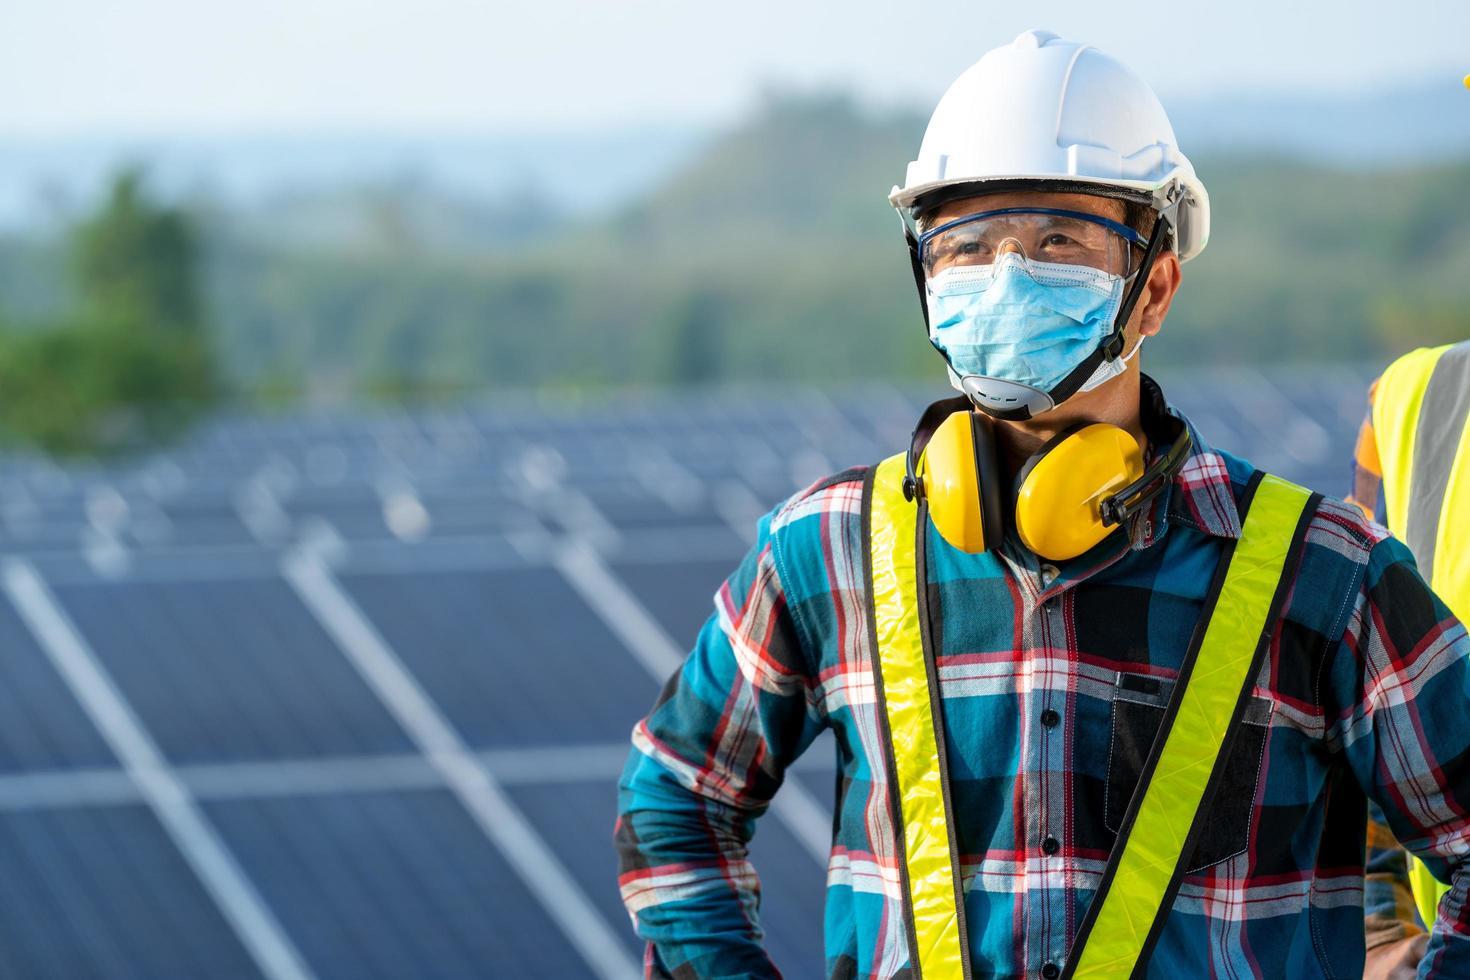 Mann trägt Sicherheitsausrüstung neben Solarpanel foto